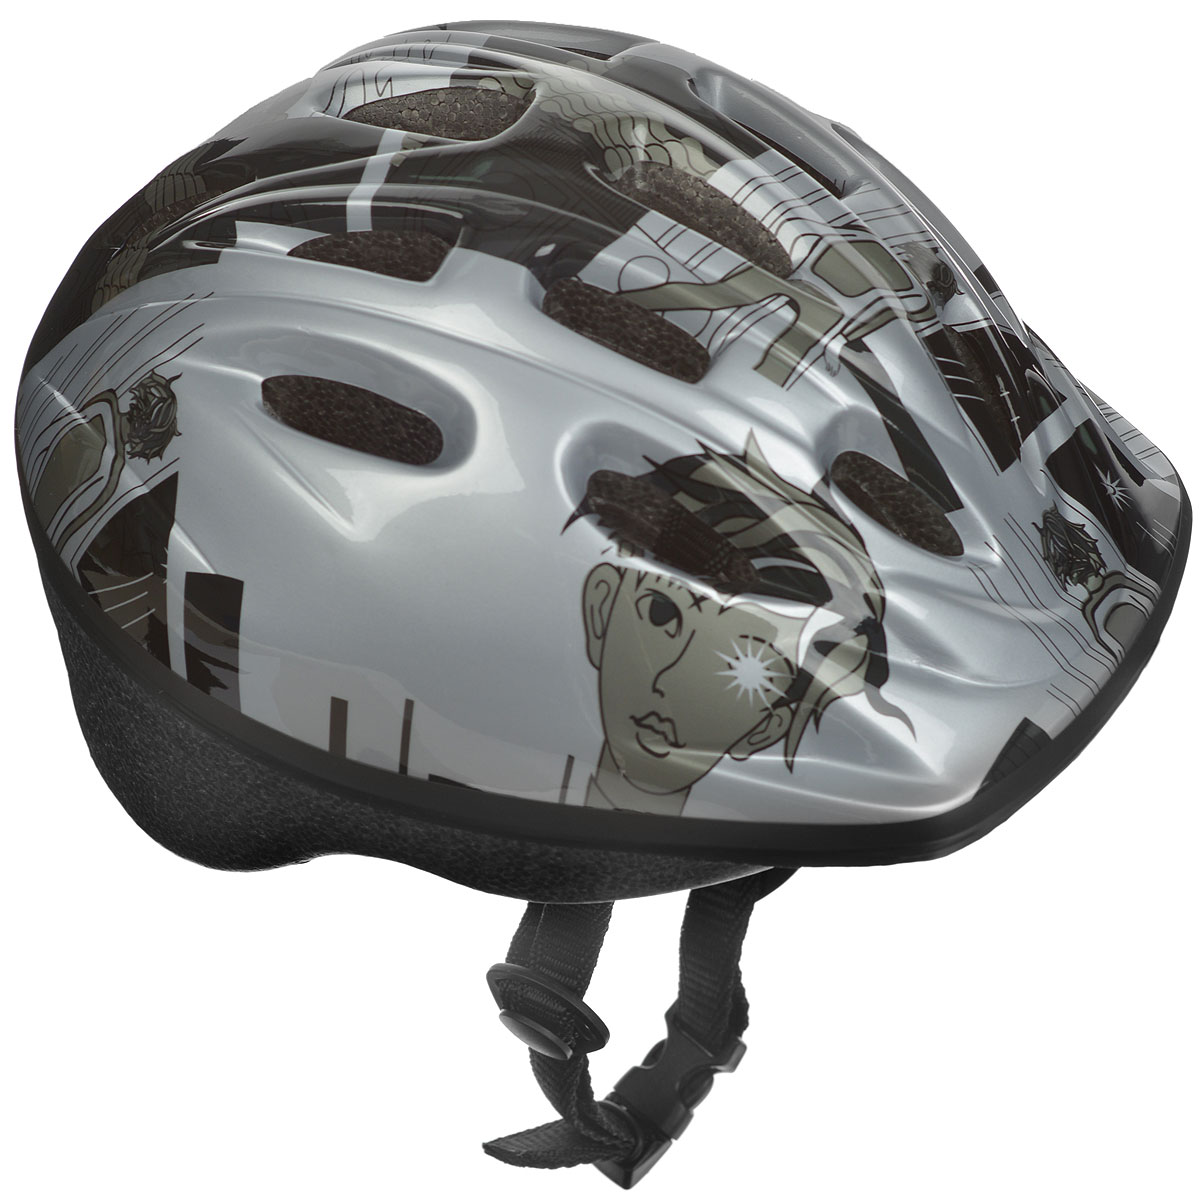 Шлем защитный Action, цвет: серый. Размер XS (48-51). PWH-30Z90 blackШлем Action послужит отличной защитой для ребенка во время катания на роликах или велосипеде. Он выполнен из плотного вспененного пенопласта, покрытого пластиковой пленкой и отлично сидит на голове, благодаря мягким вставкам на внутренней стороне. Шлем снабжен системой вентиляции и крепится при помощи удобного регулируемого ремня с пластиковым карабином, застегивающимся на подбородке.